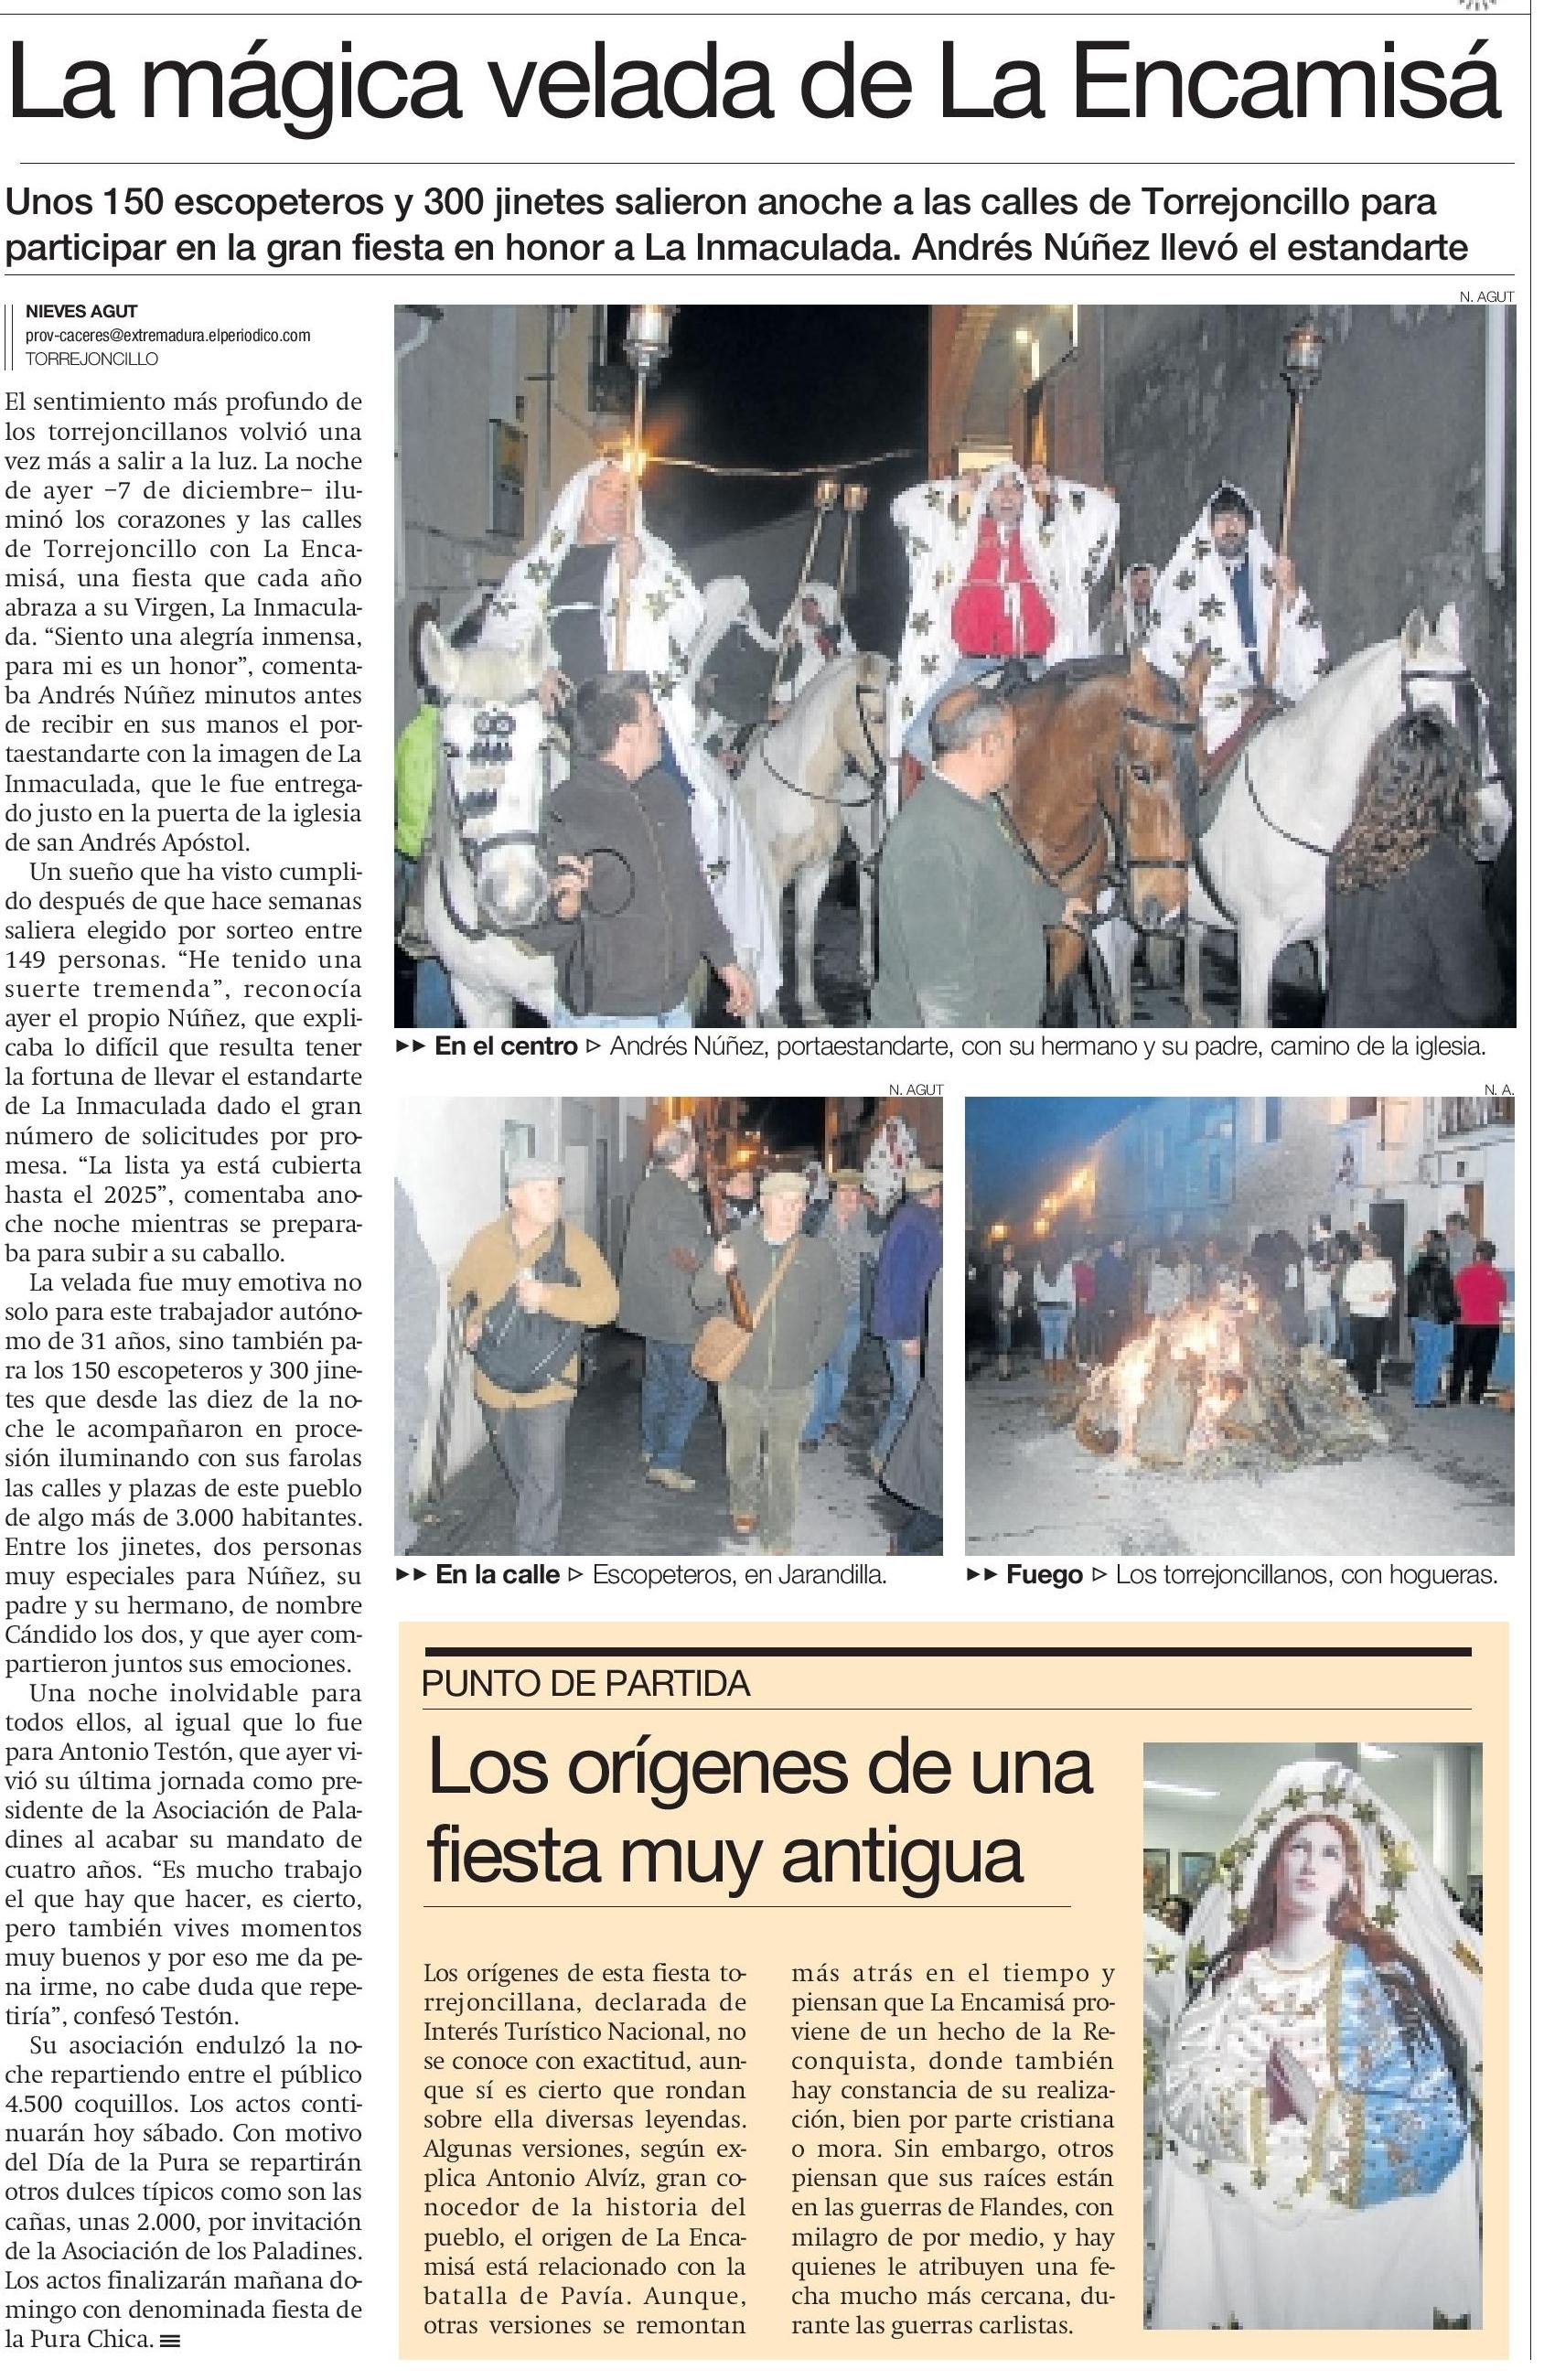 La Encamisá - El Periódico de Extremadura-page-001